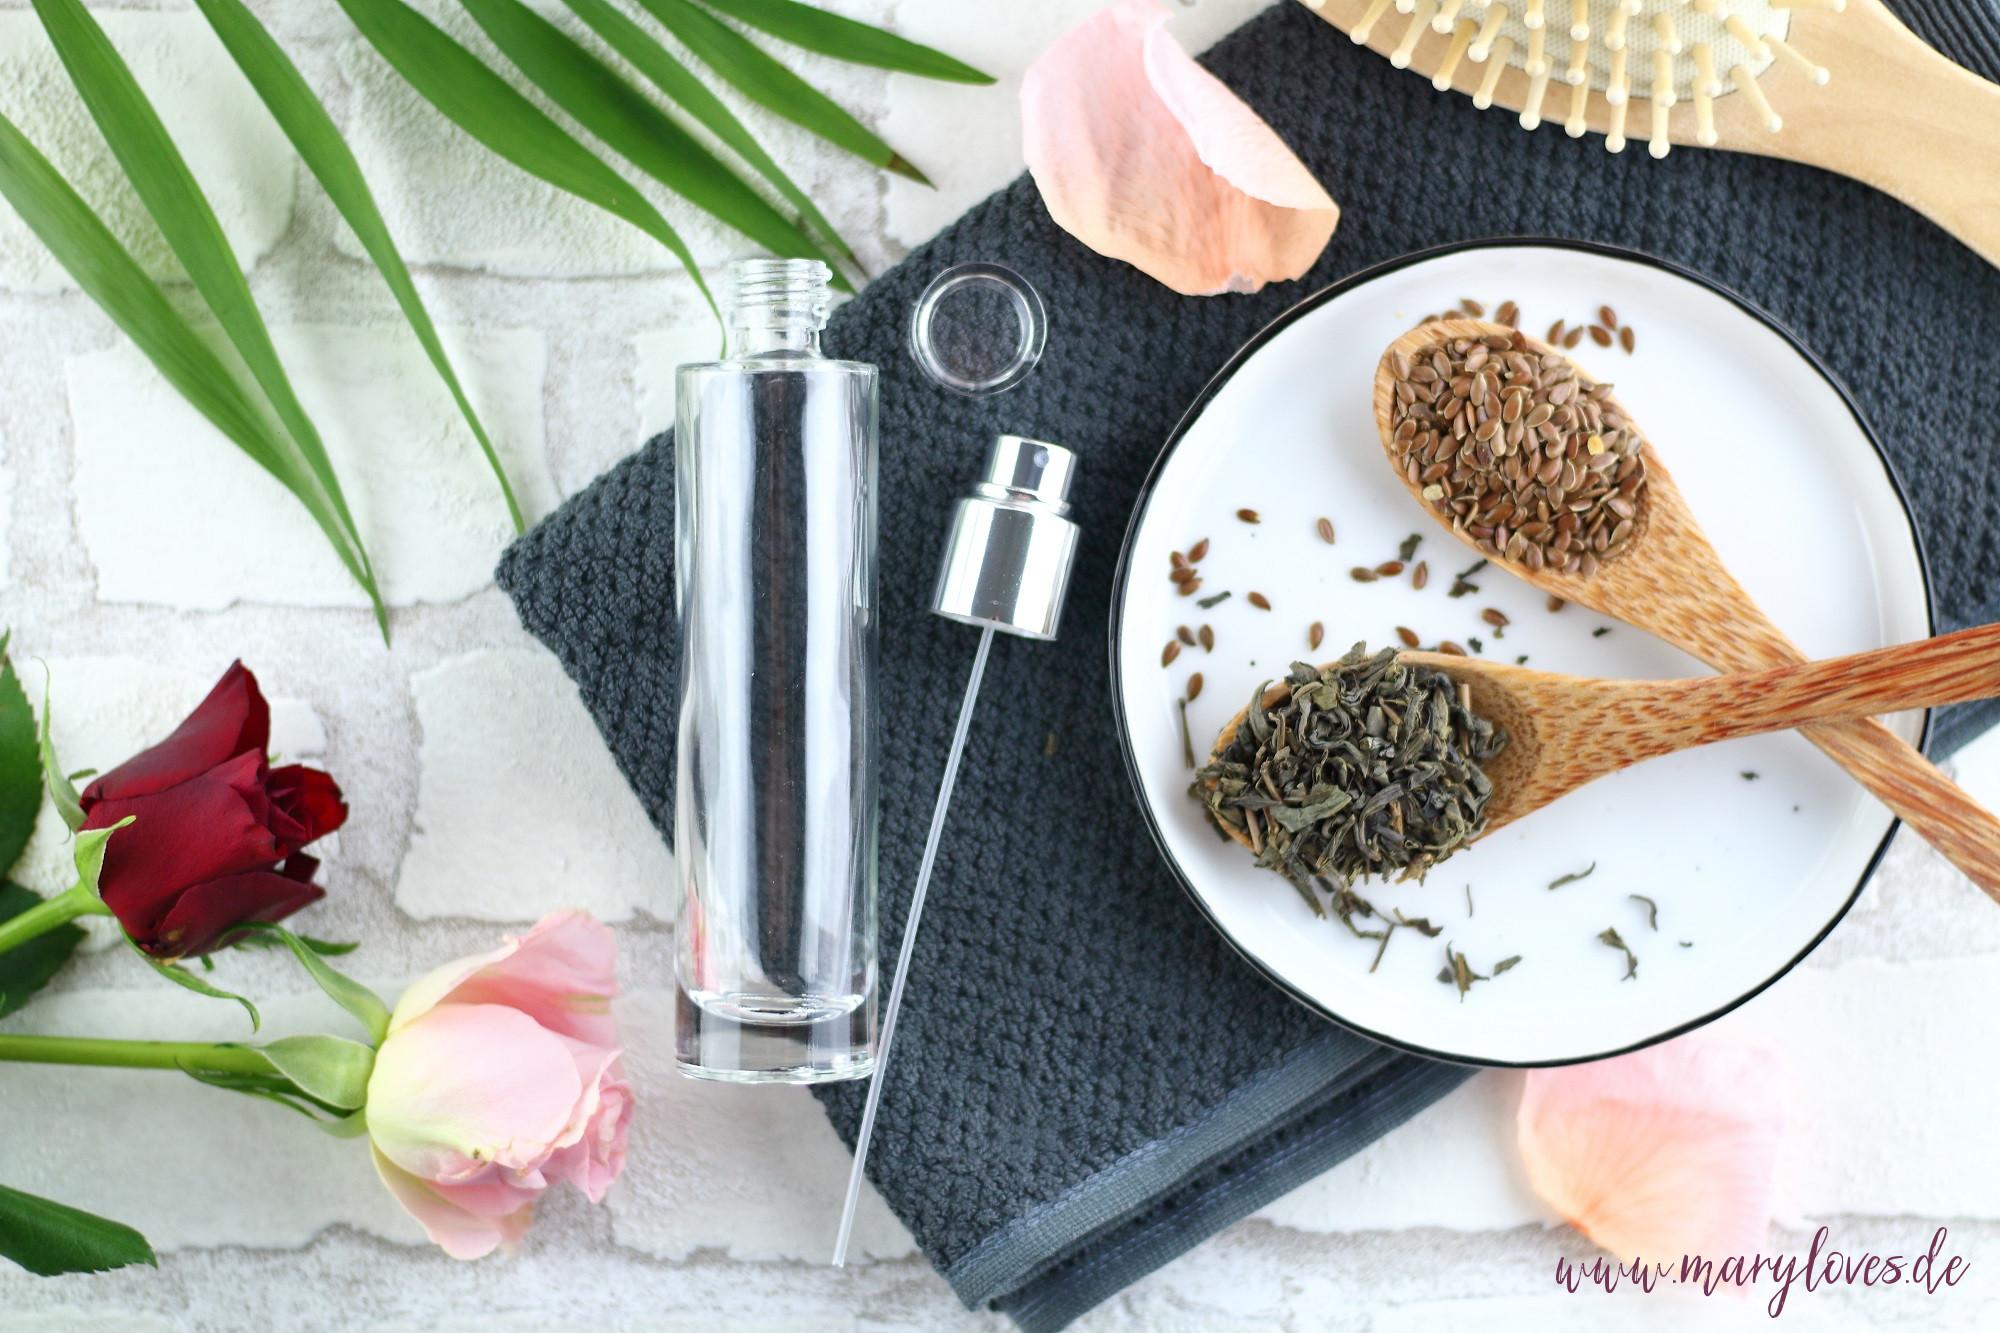 Naturliche Haarpflege Diy Haarwasser Mit Grunem Tee Leinsamen Mary Loves